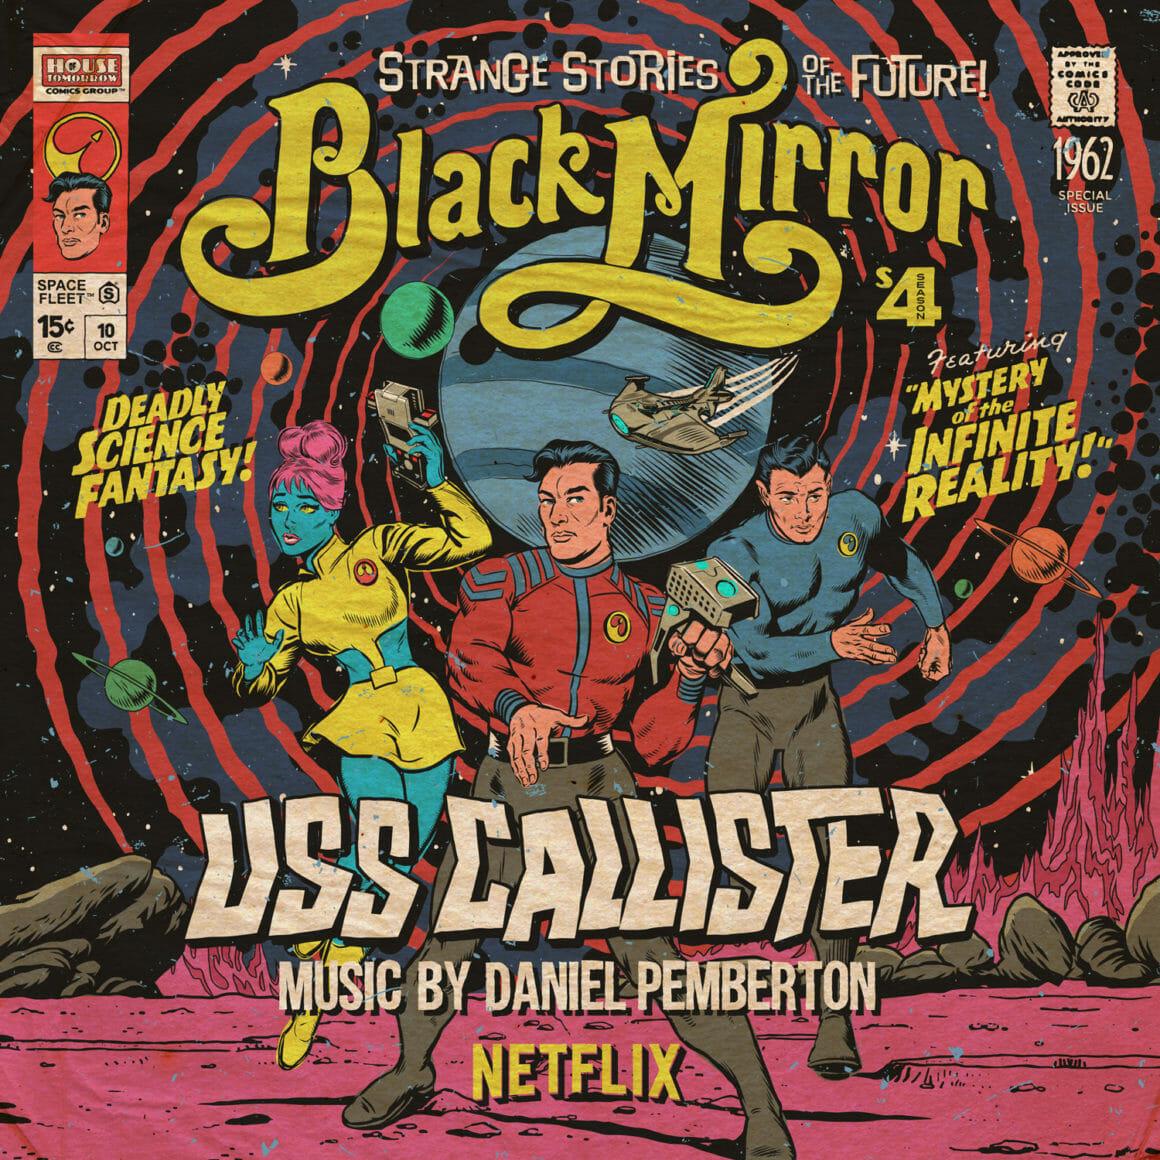 Pochette pour le vinyle de la série Black Mirror, une femme bleu et deux hommes sortent d'un tourbillon bleu et rose